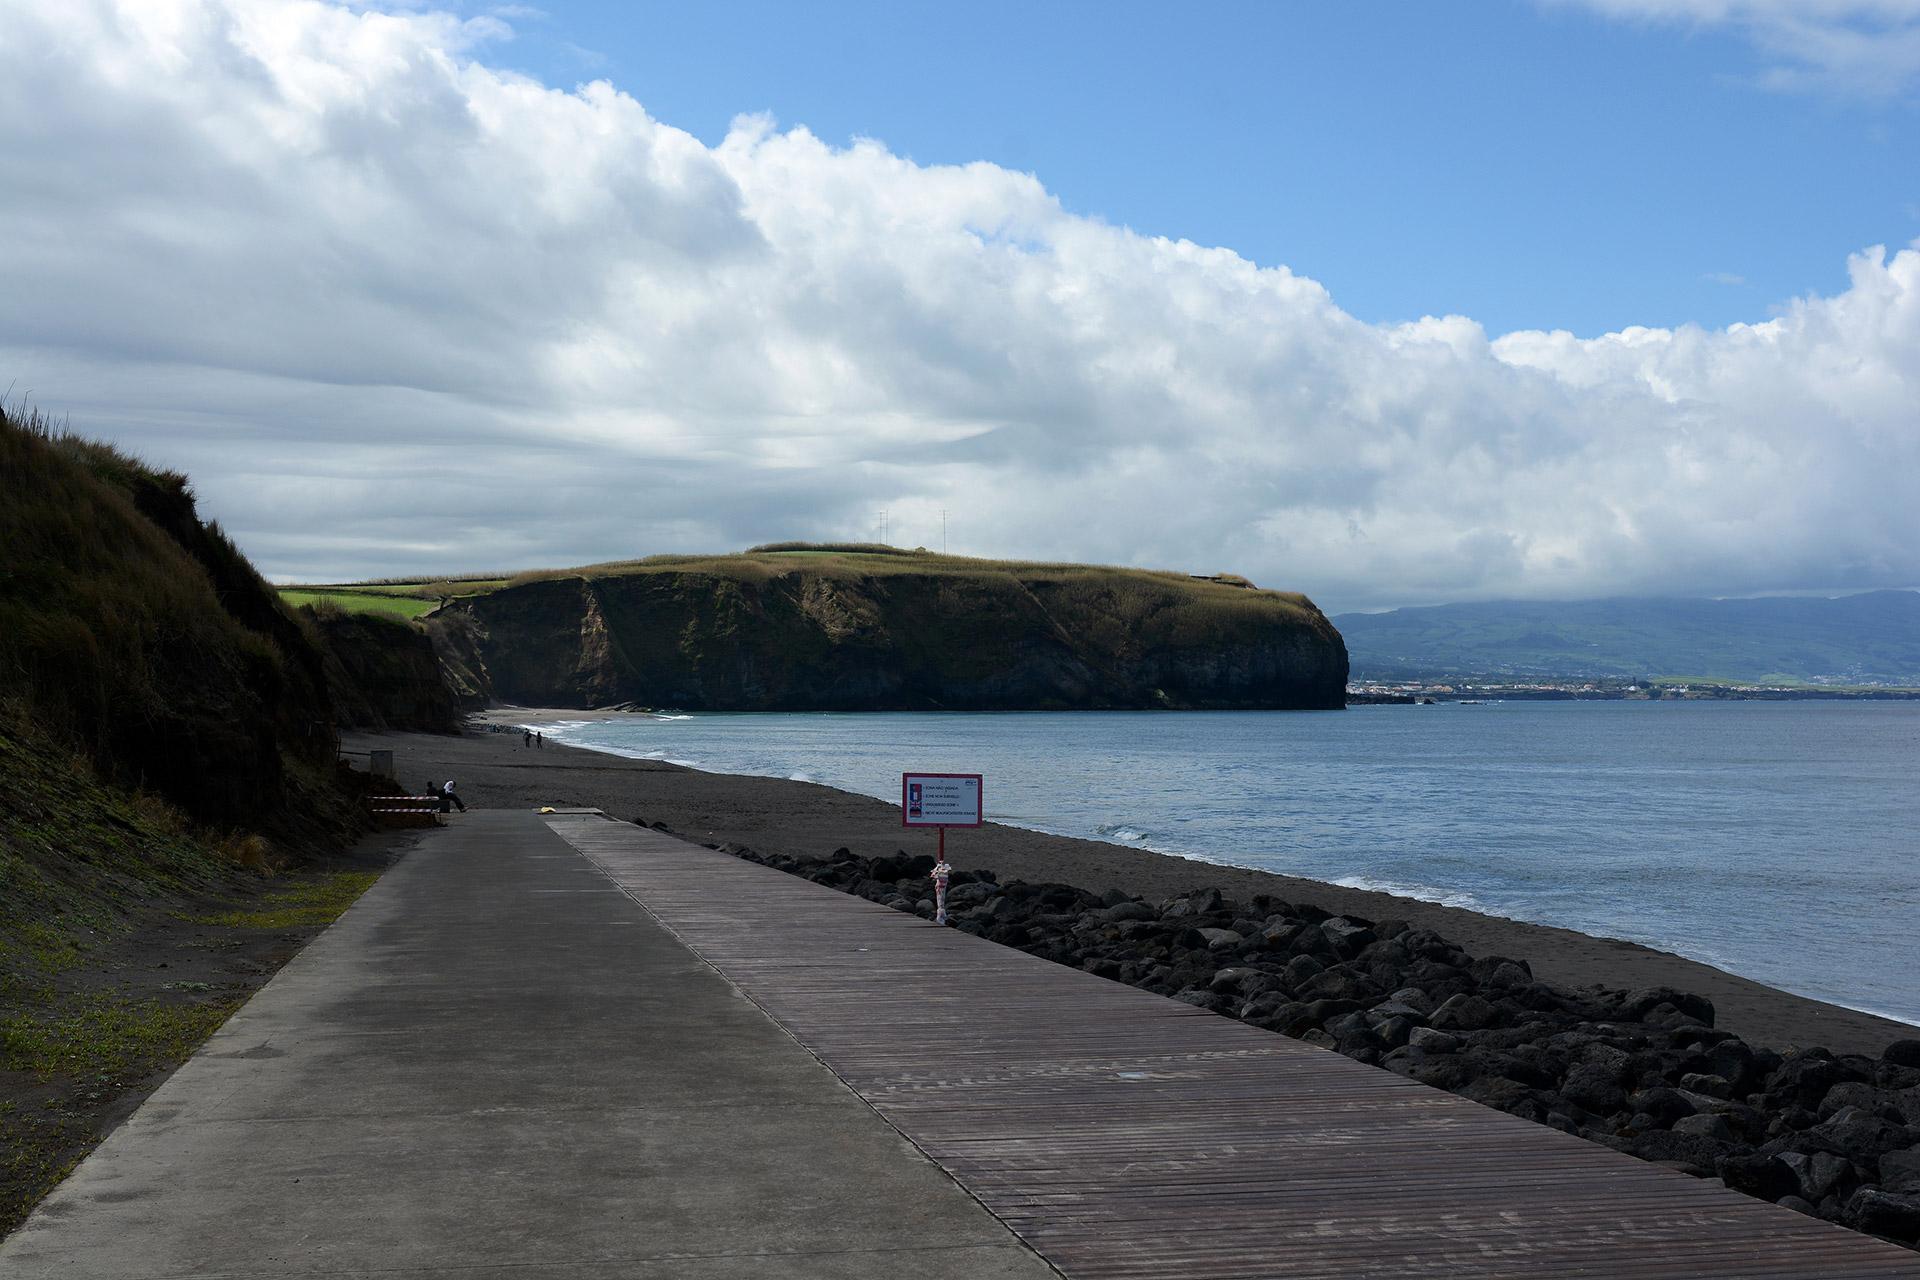 Praia de Santa Bárbara - Praias de São Miguel, Açores